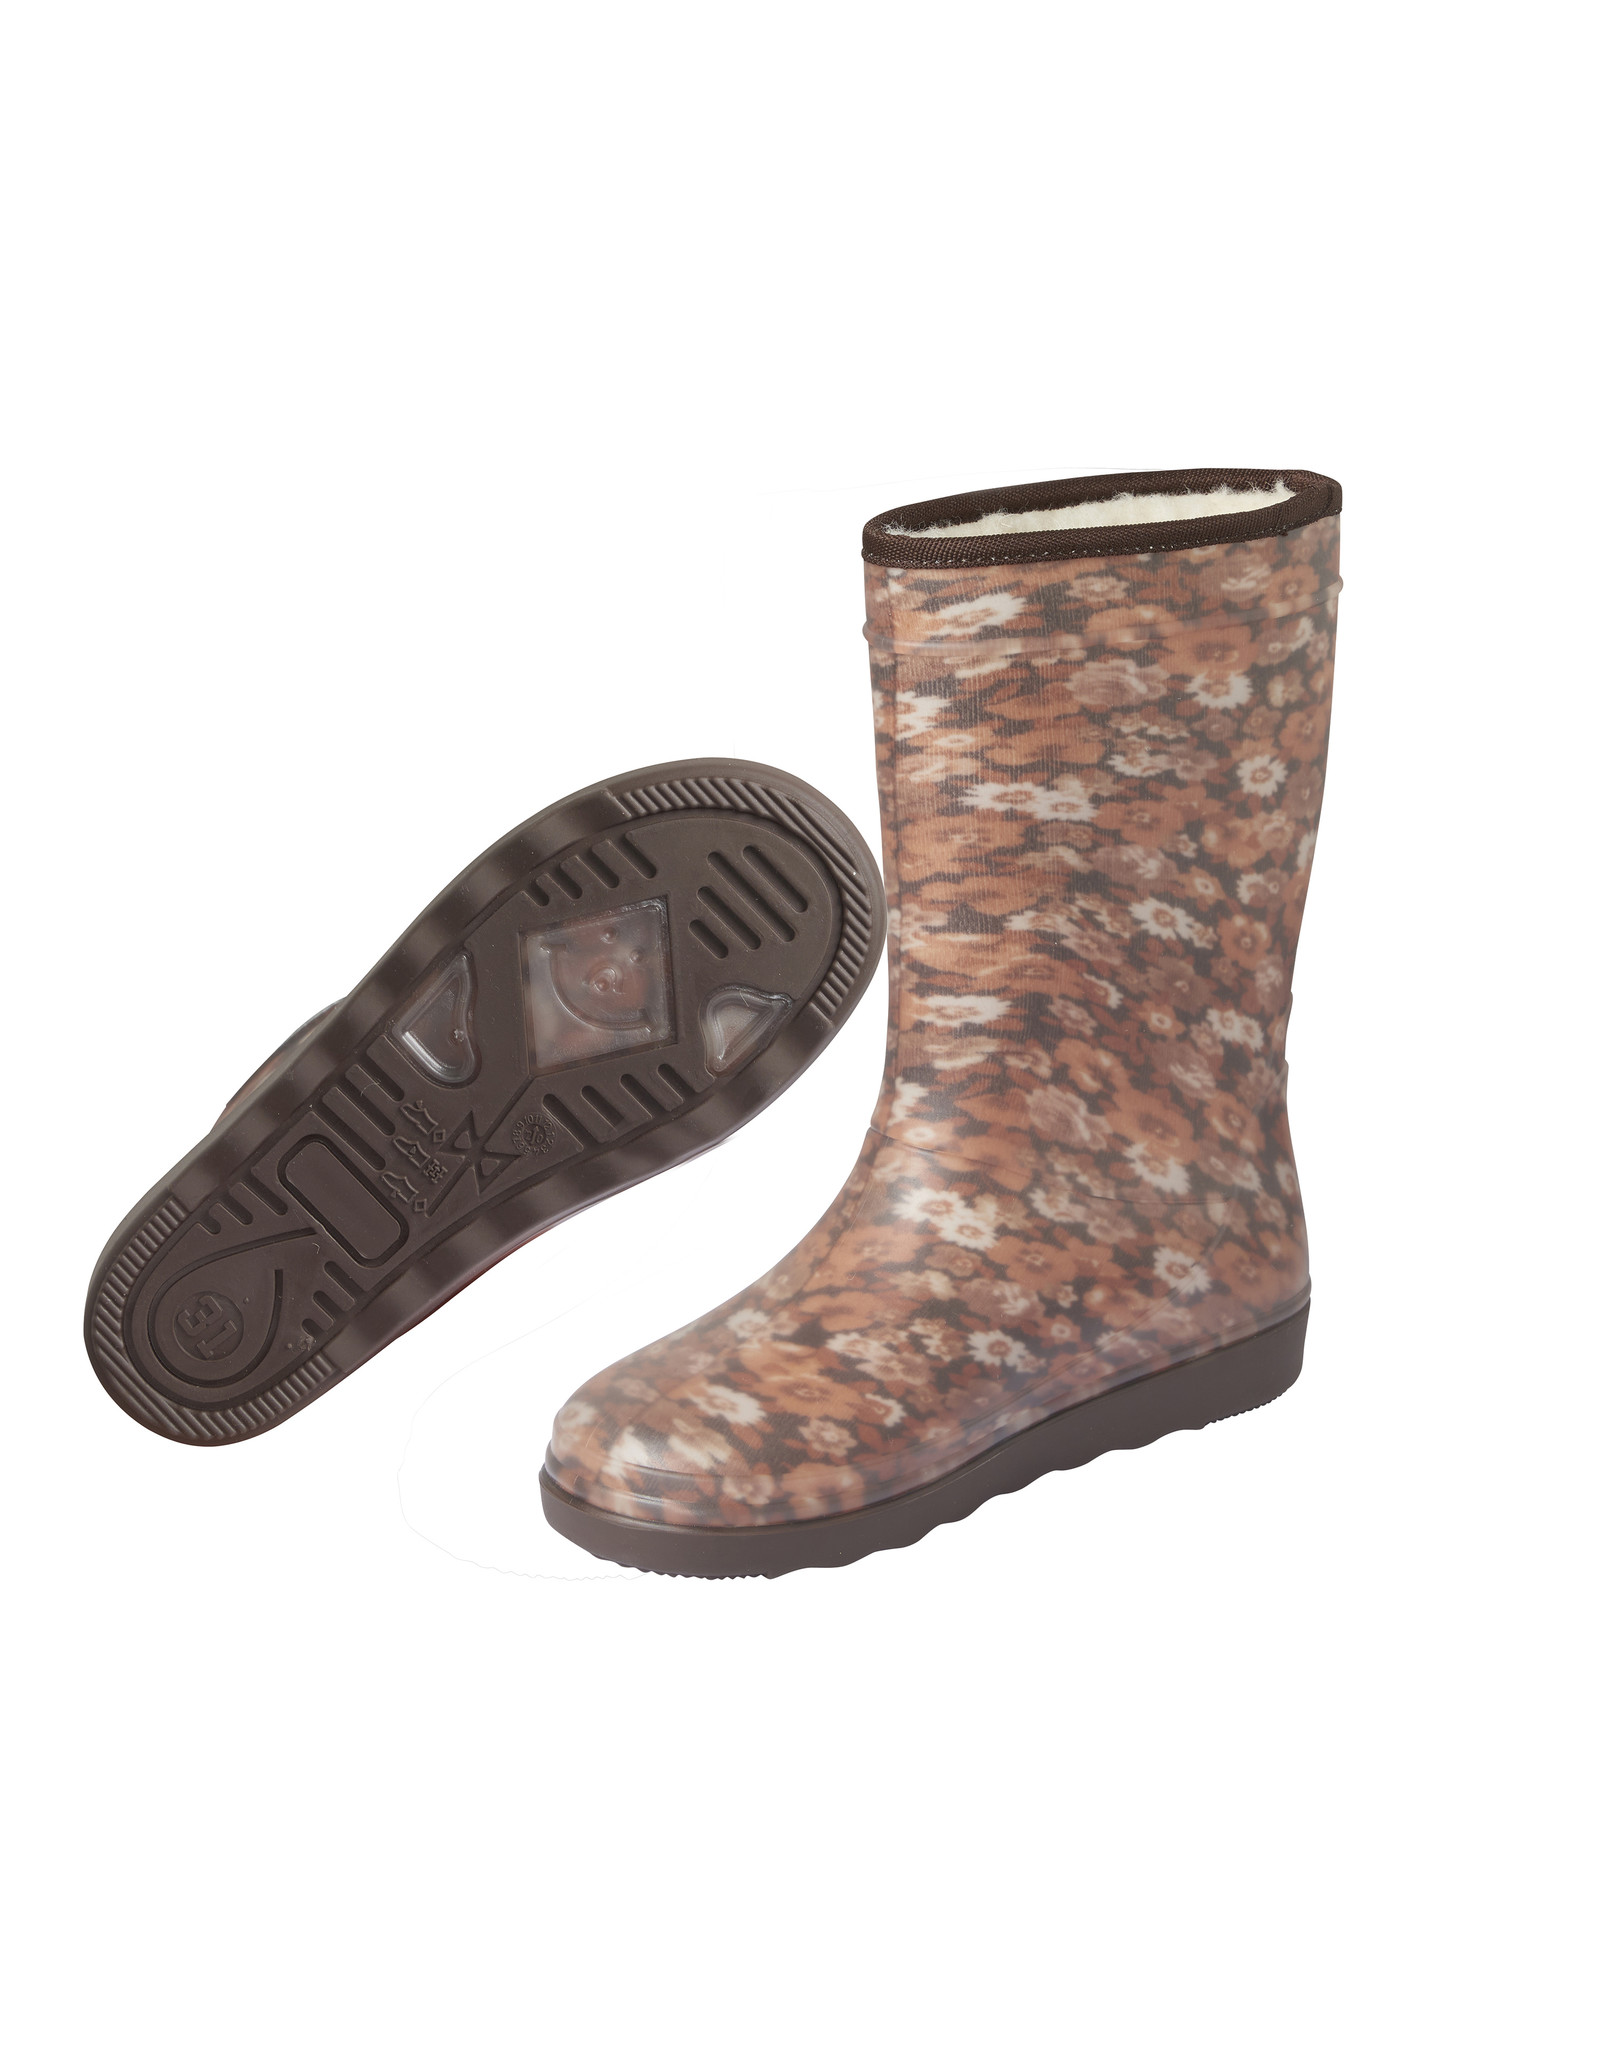 EN FANT En Fant Thermo Boots Print Chestnut